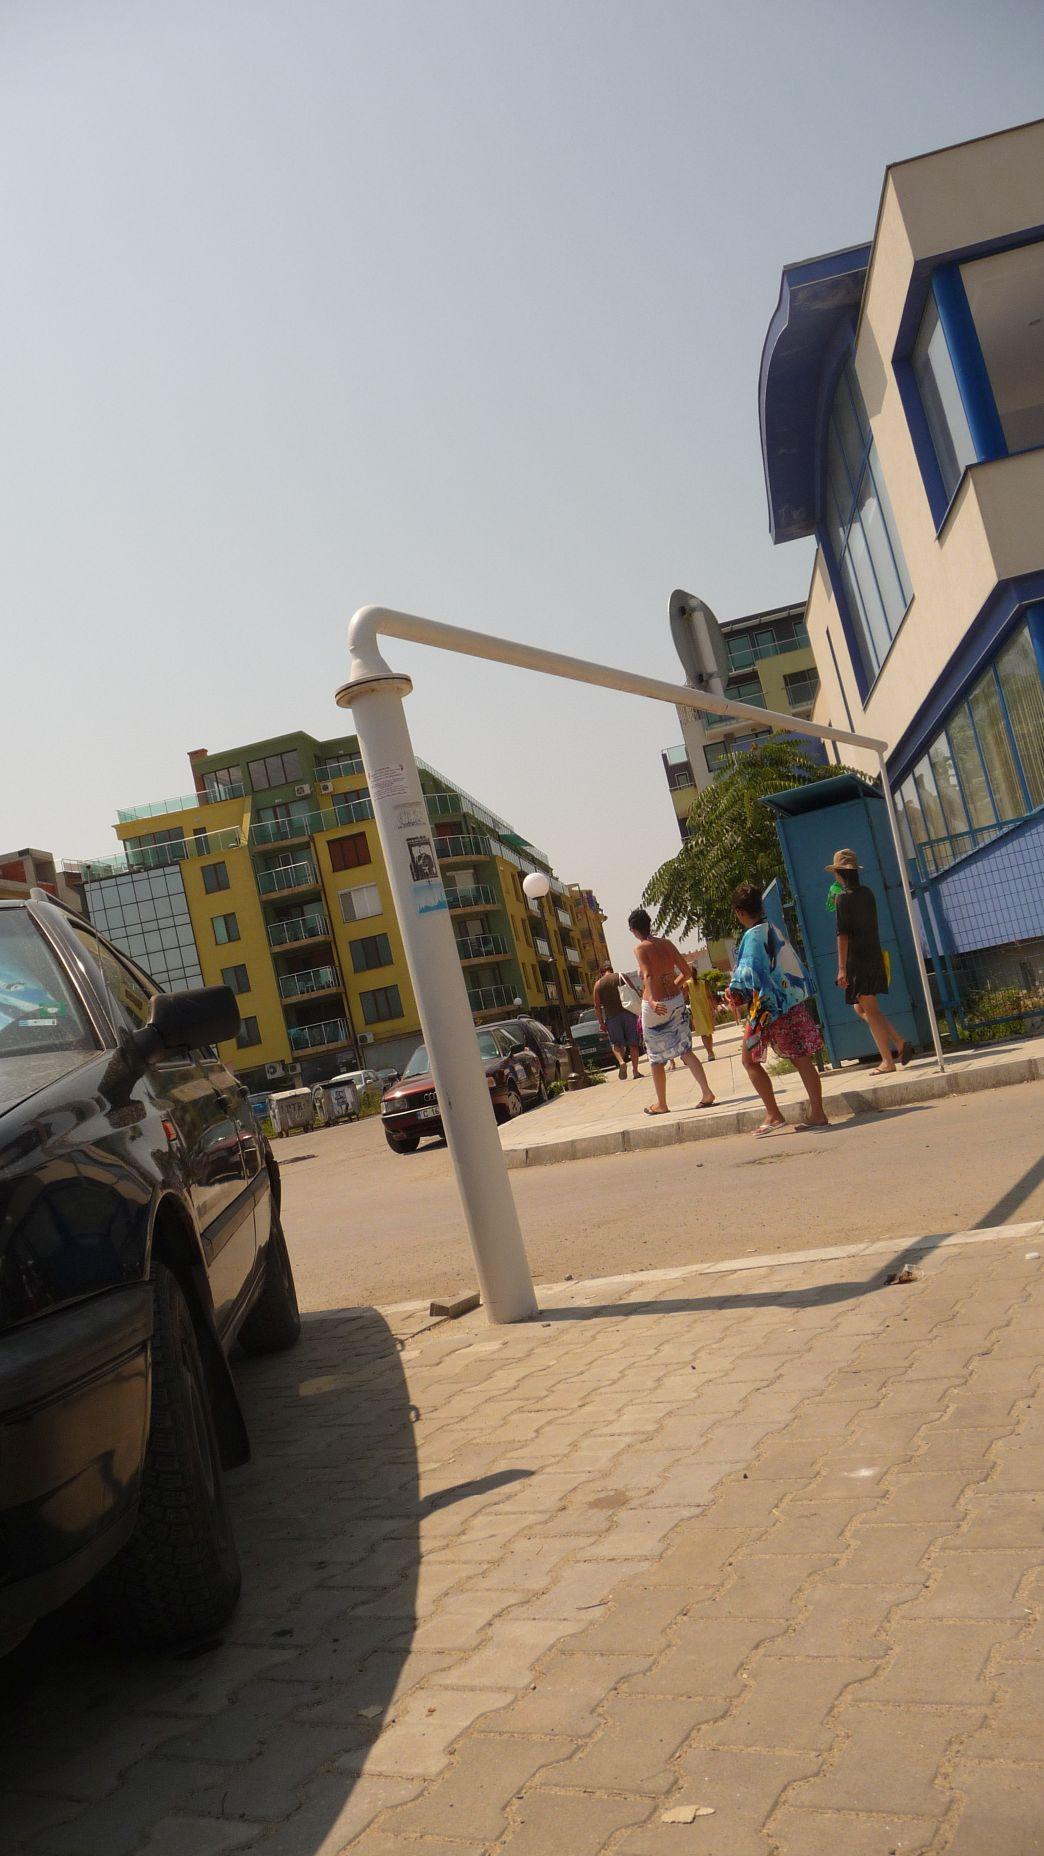 Bułgaria - Pomorie - zdjęcia, atrakcje